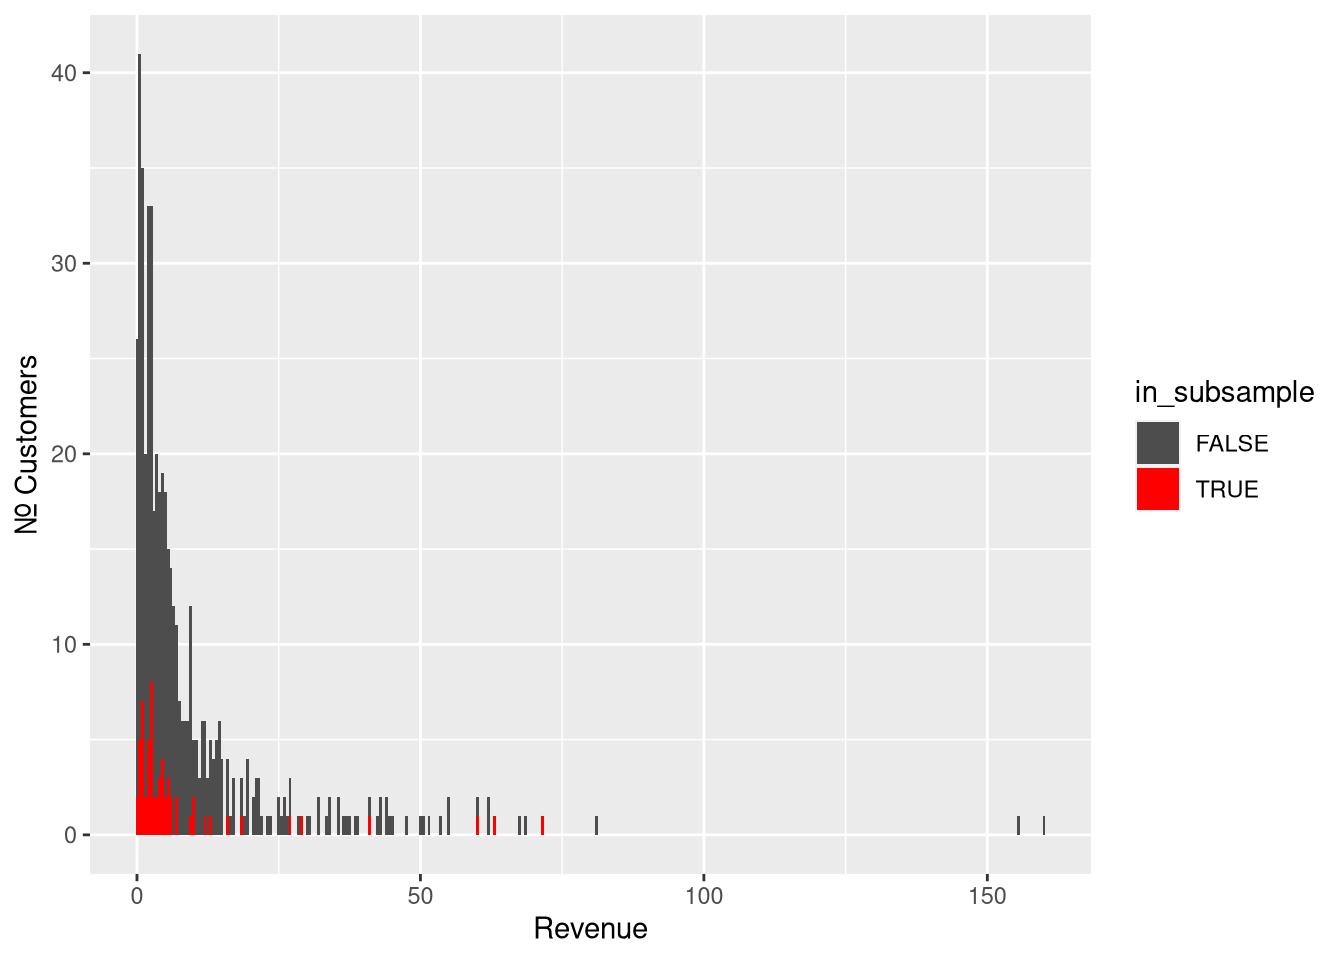 Subsampling 5% of the original sample